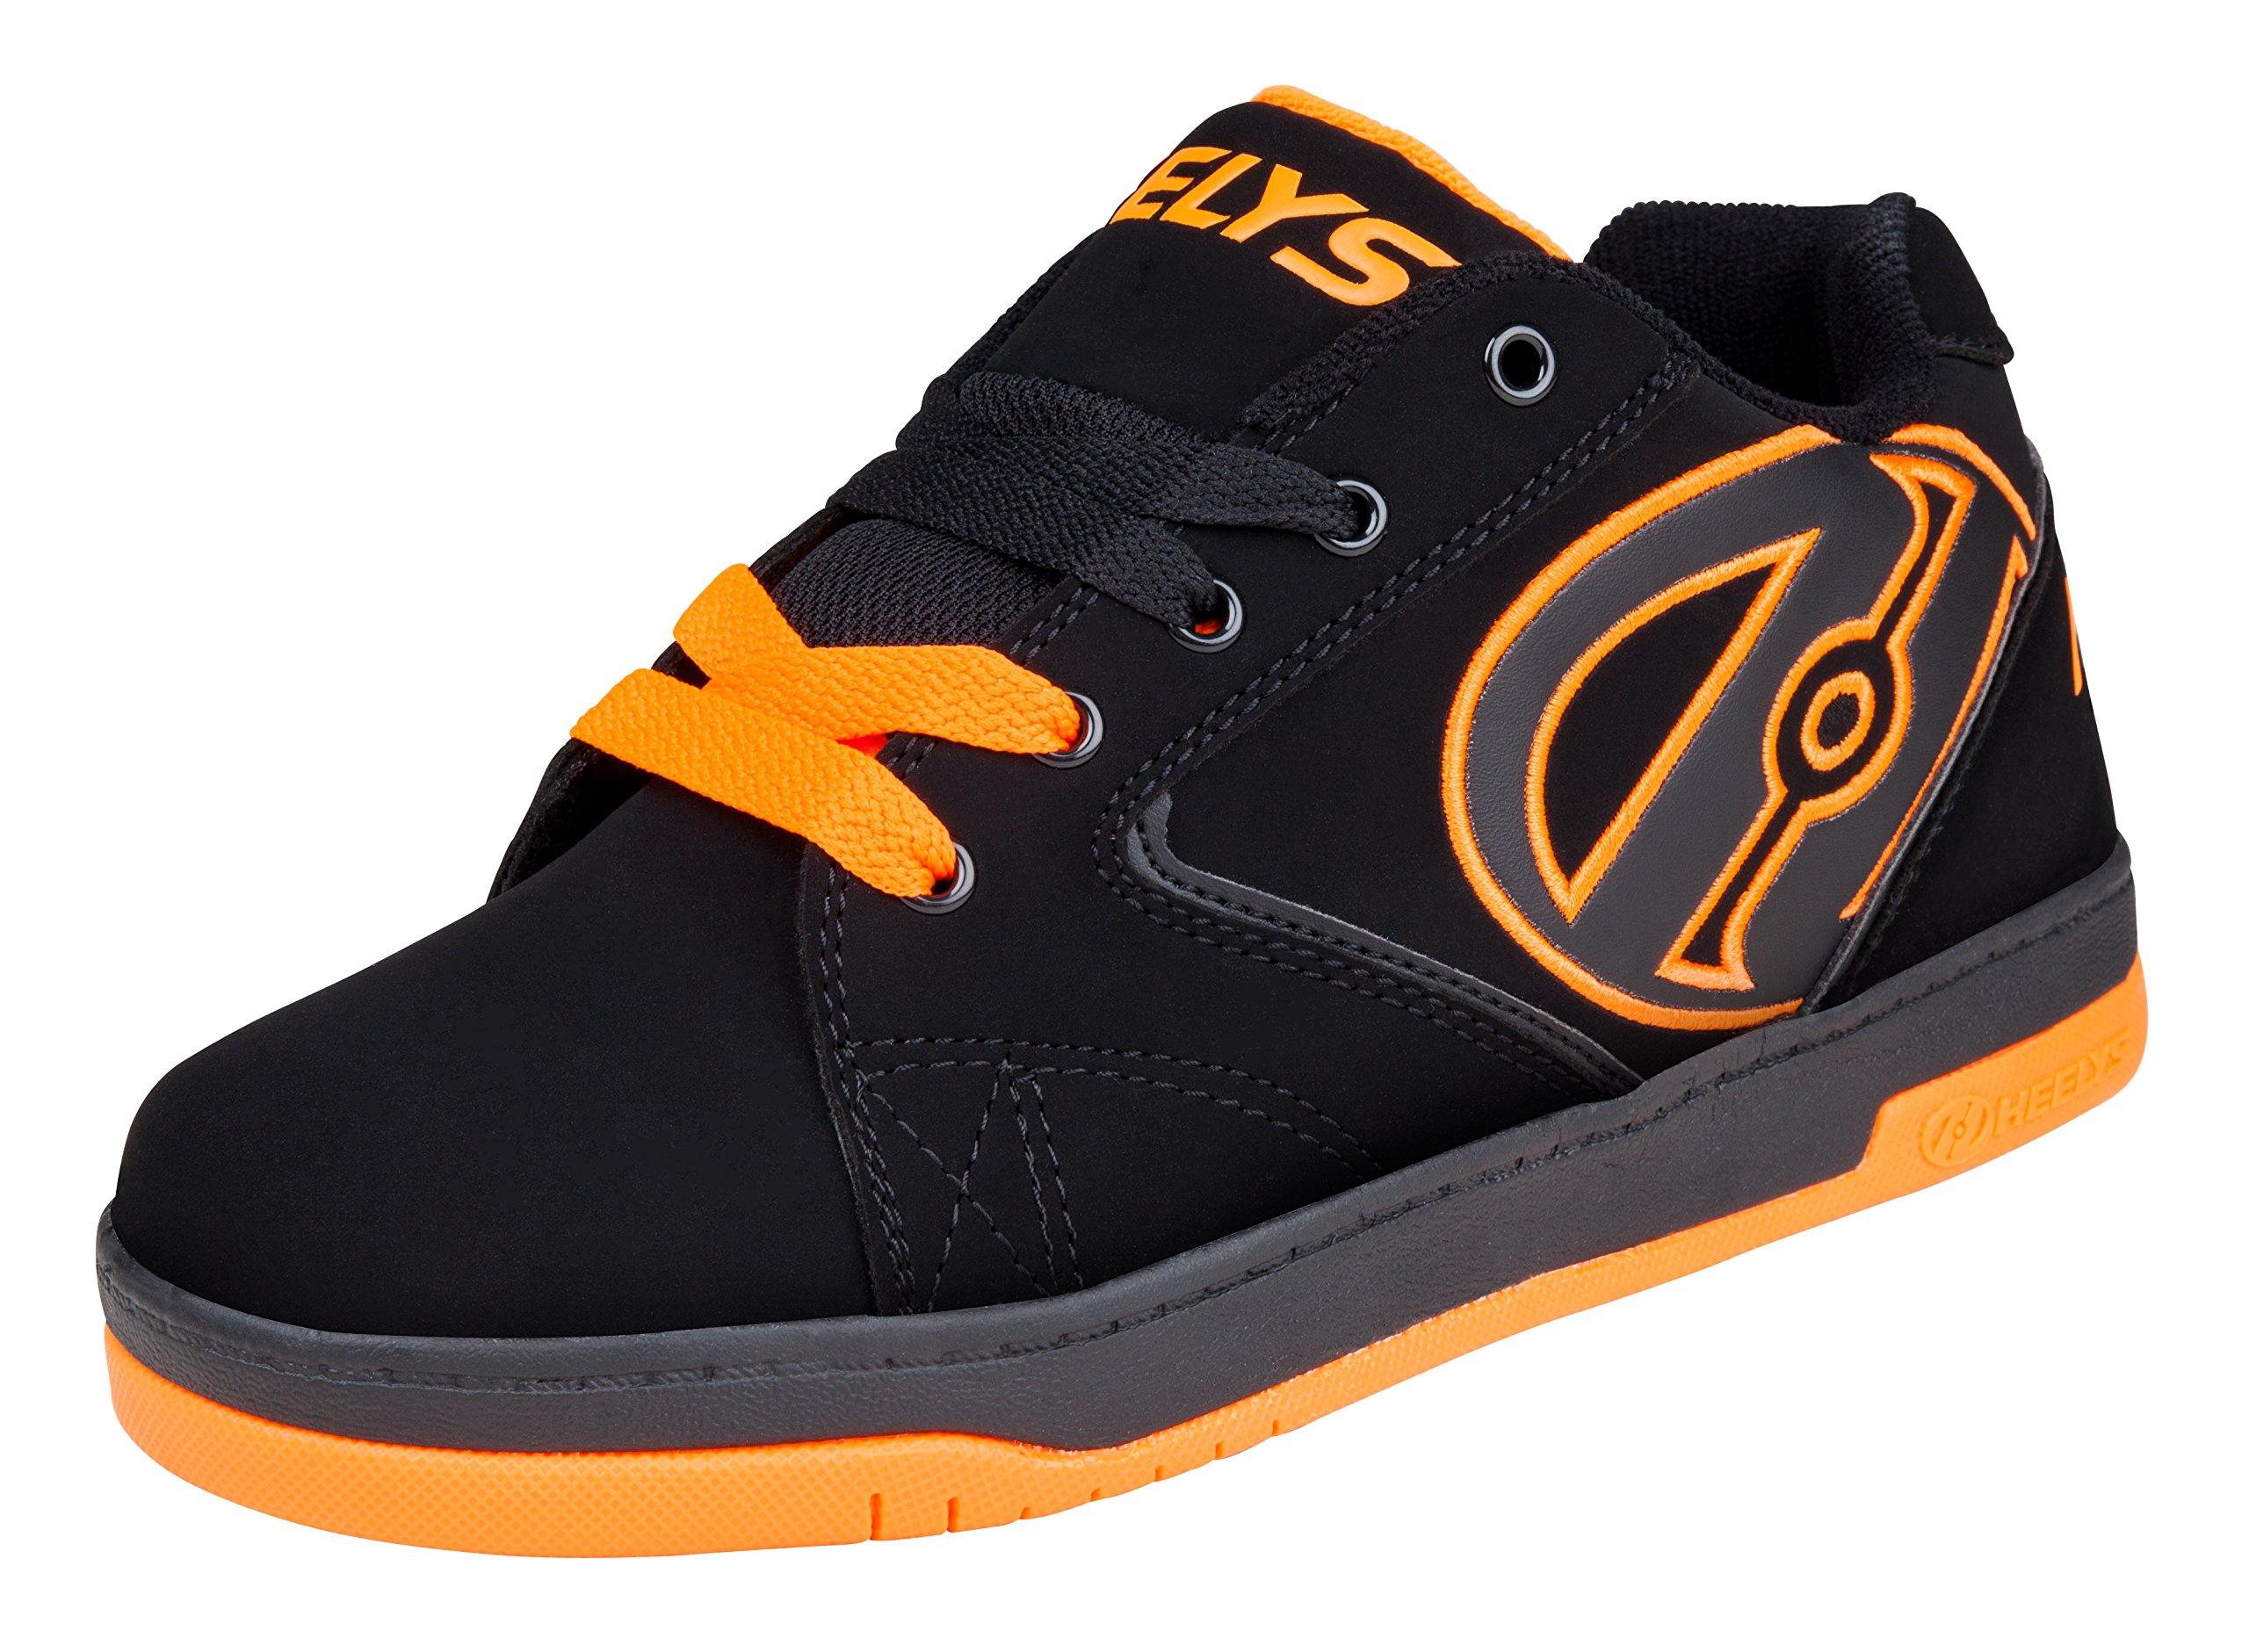 Heelys Propel Skate Shoe (Little Kid/Big Kid), Black/Orange, 6 M US Big Kid